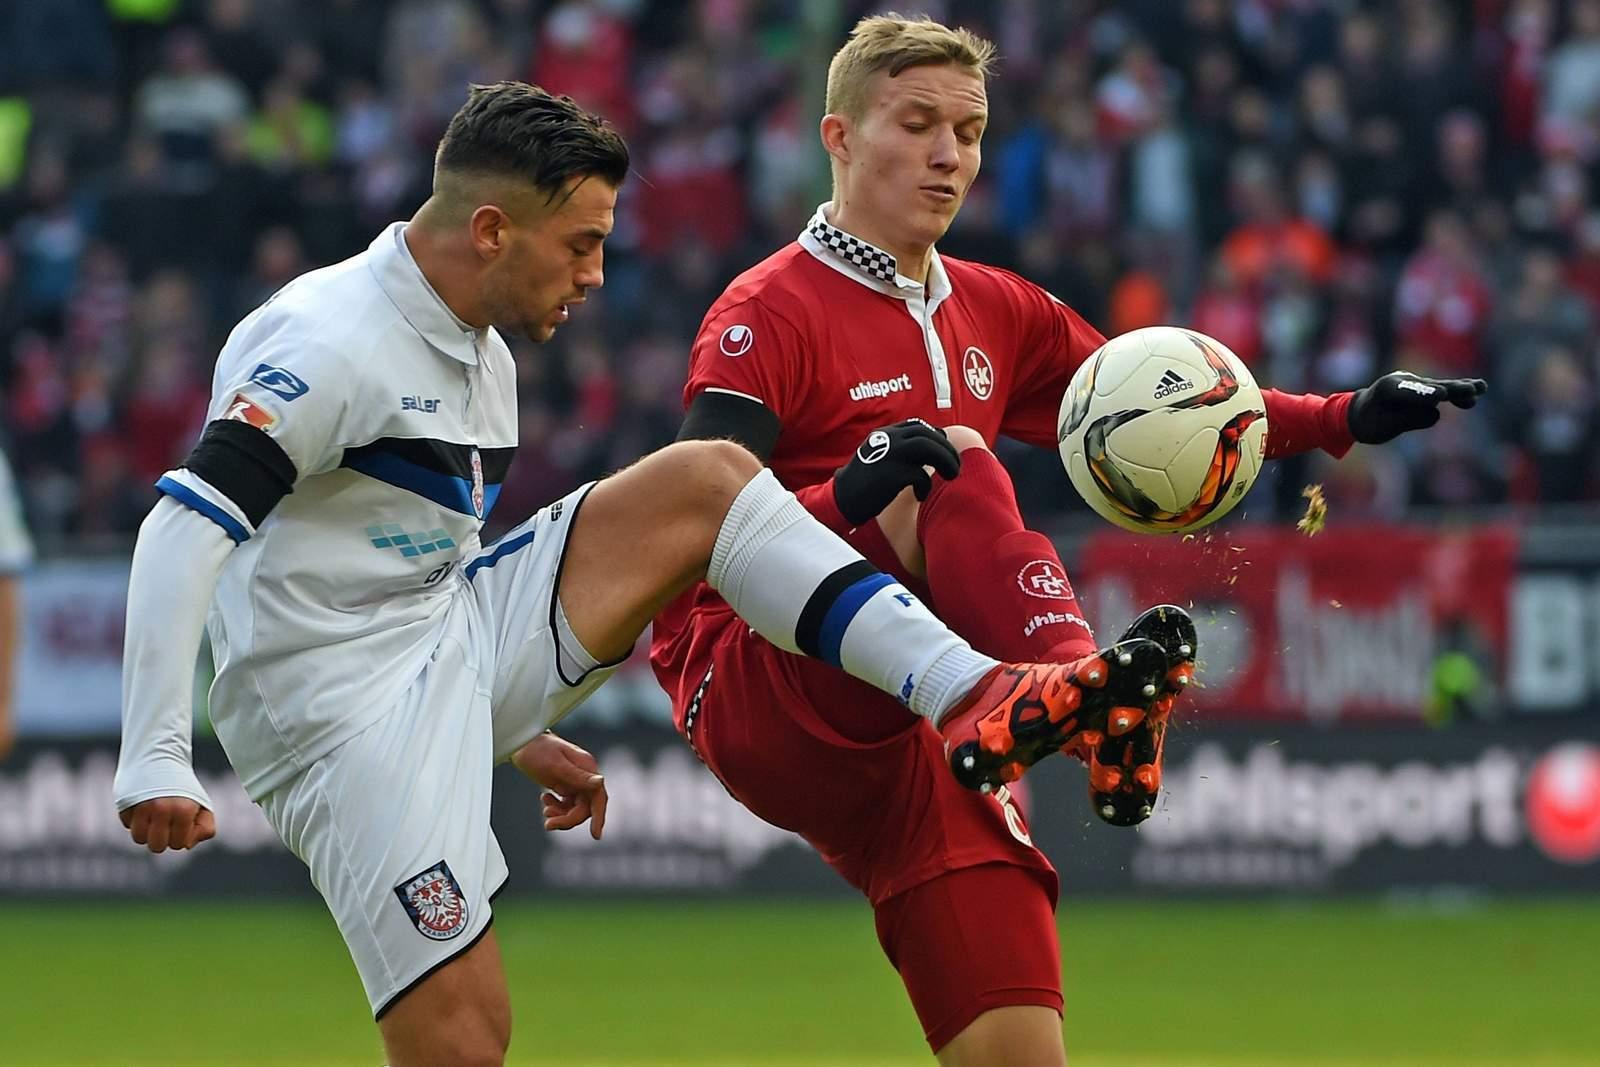 Setzt sich Halimi gegen Ring durch? Unser Tipp: FSV Frankfurt gewinnt gegen Lautern